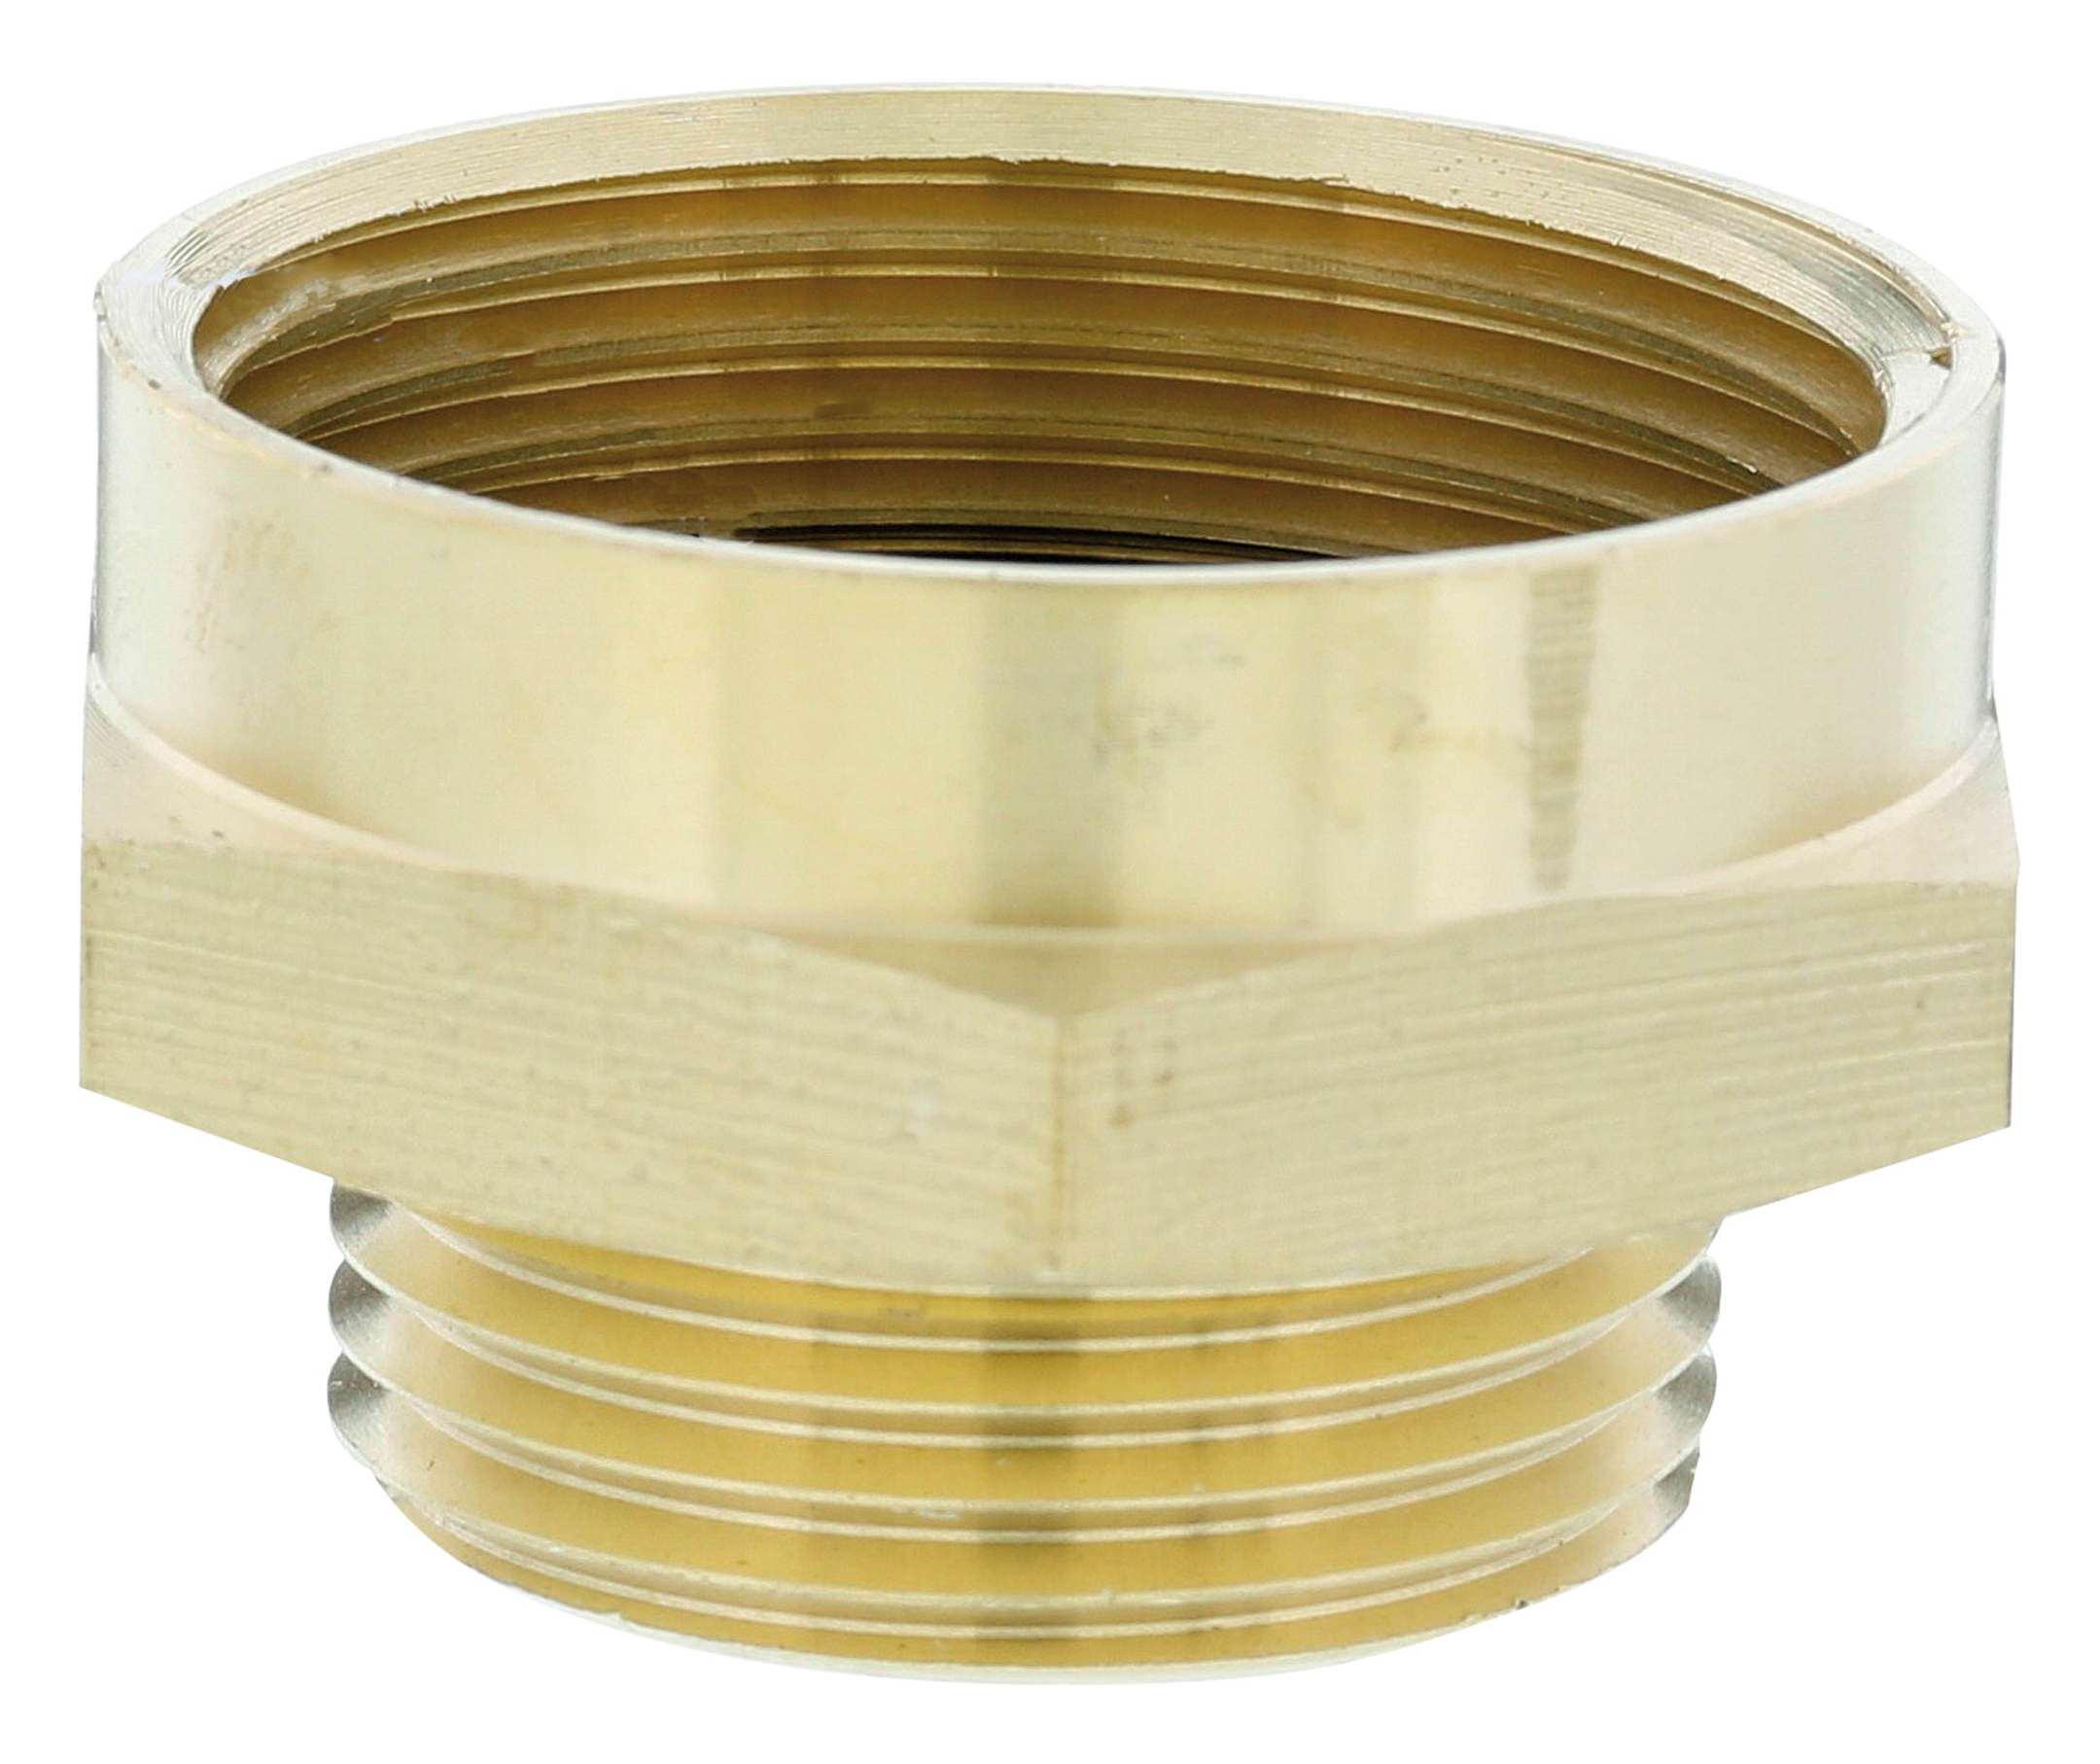 GARDENA Reduzier-Messing-Gewindenippel AG 33,3mm IG 42mm 07266-20